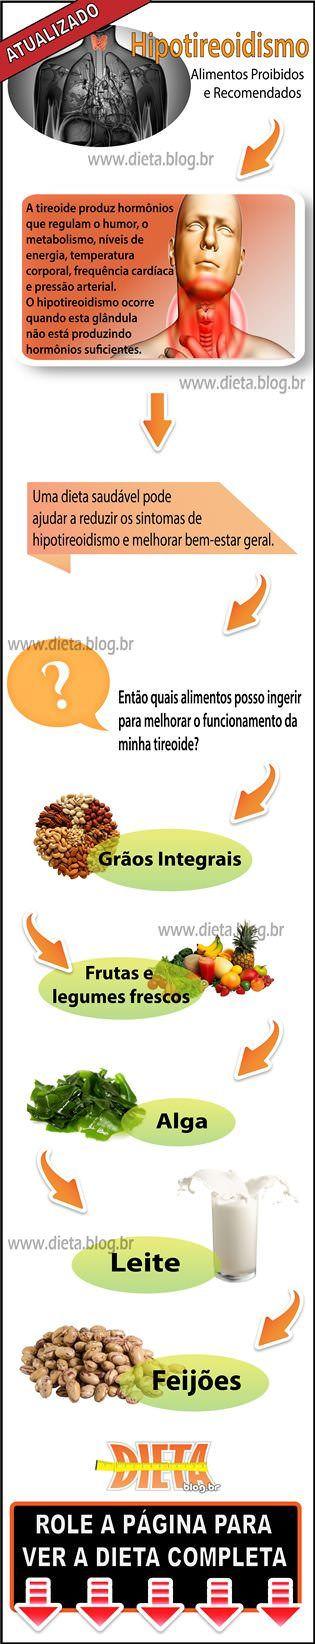 Hipotireoidismo Alimentos Proibidos E Recomendados Alimentos